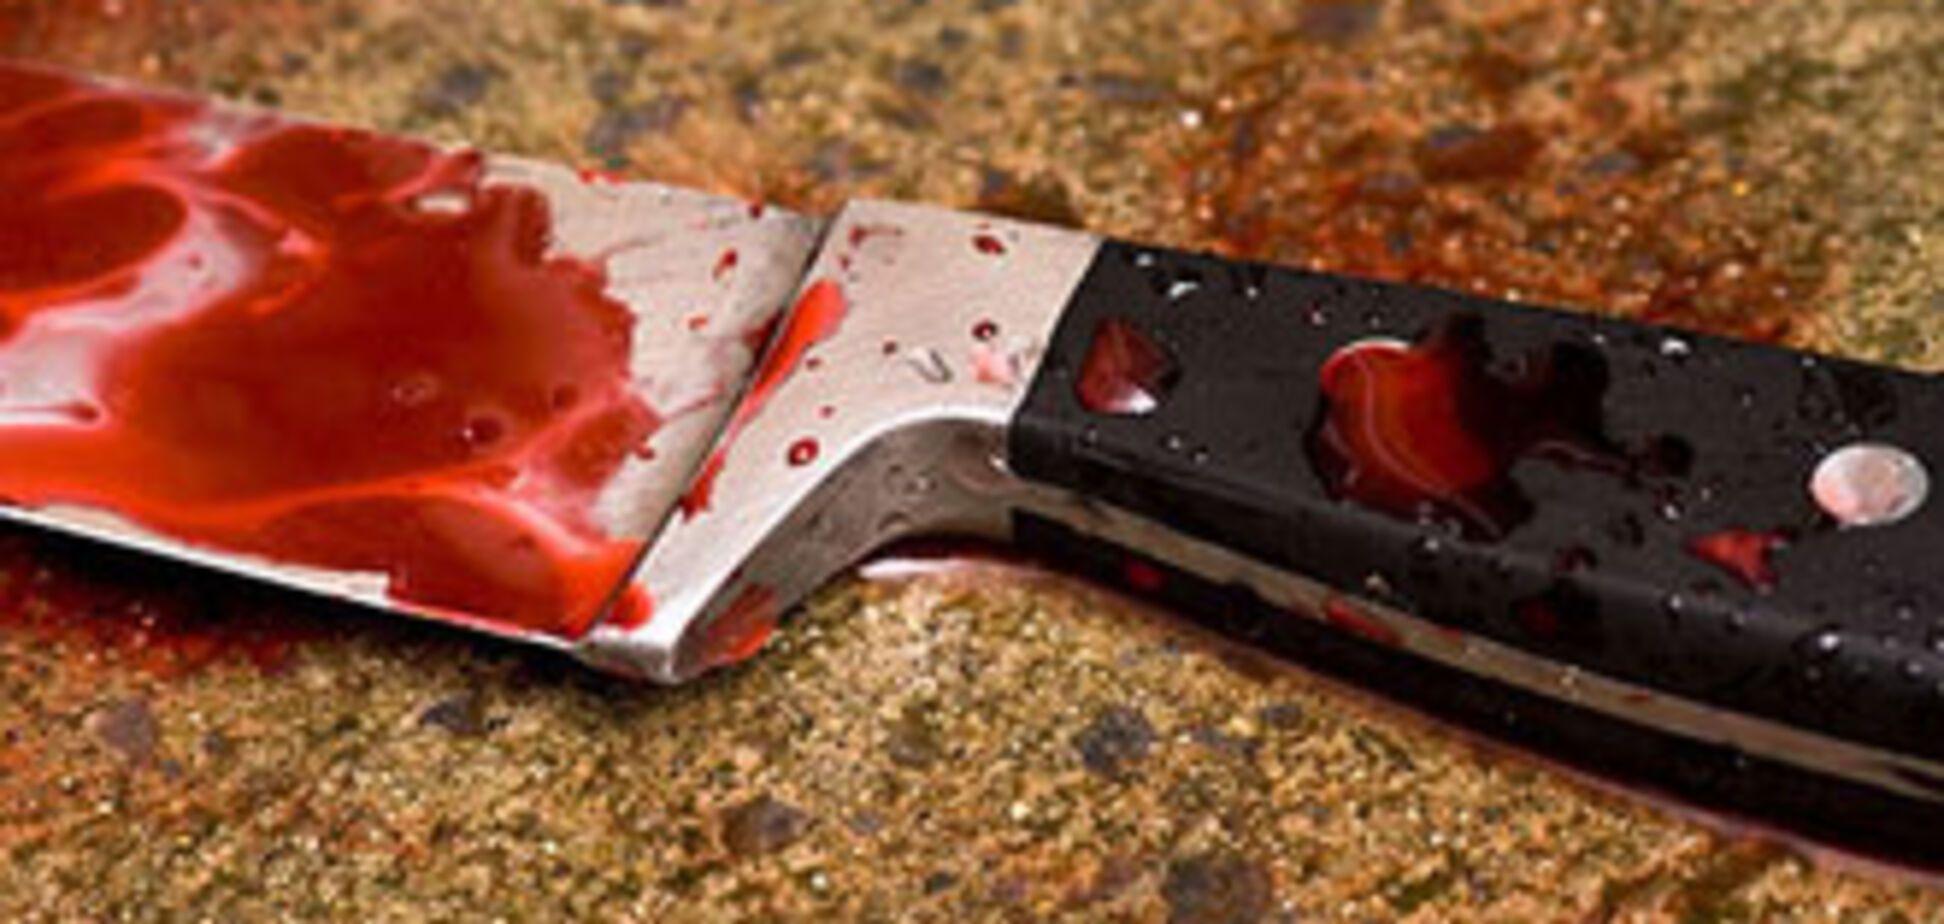 Жінка, яка вбила співмешканця, заявила, що він сам зарізався